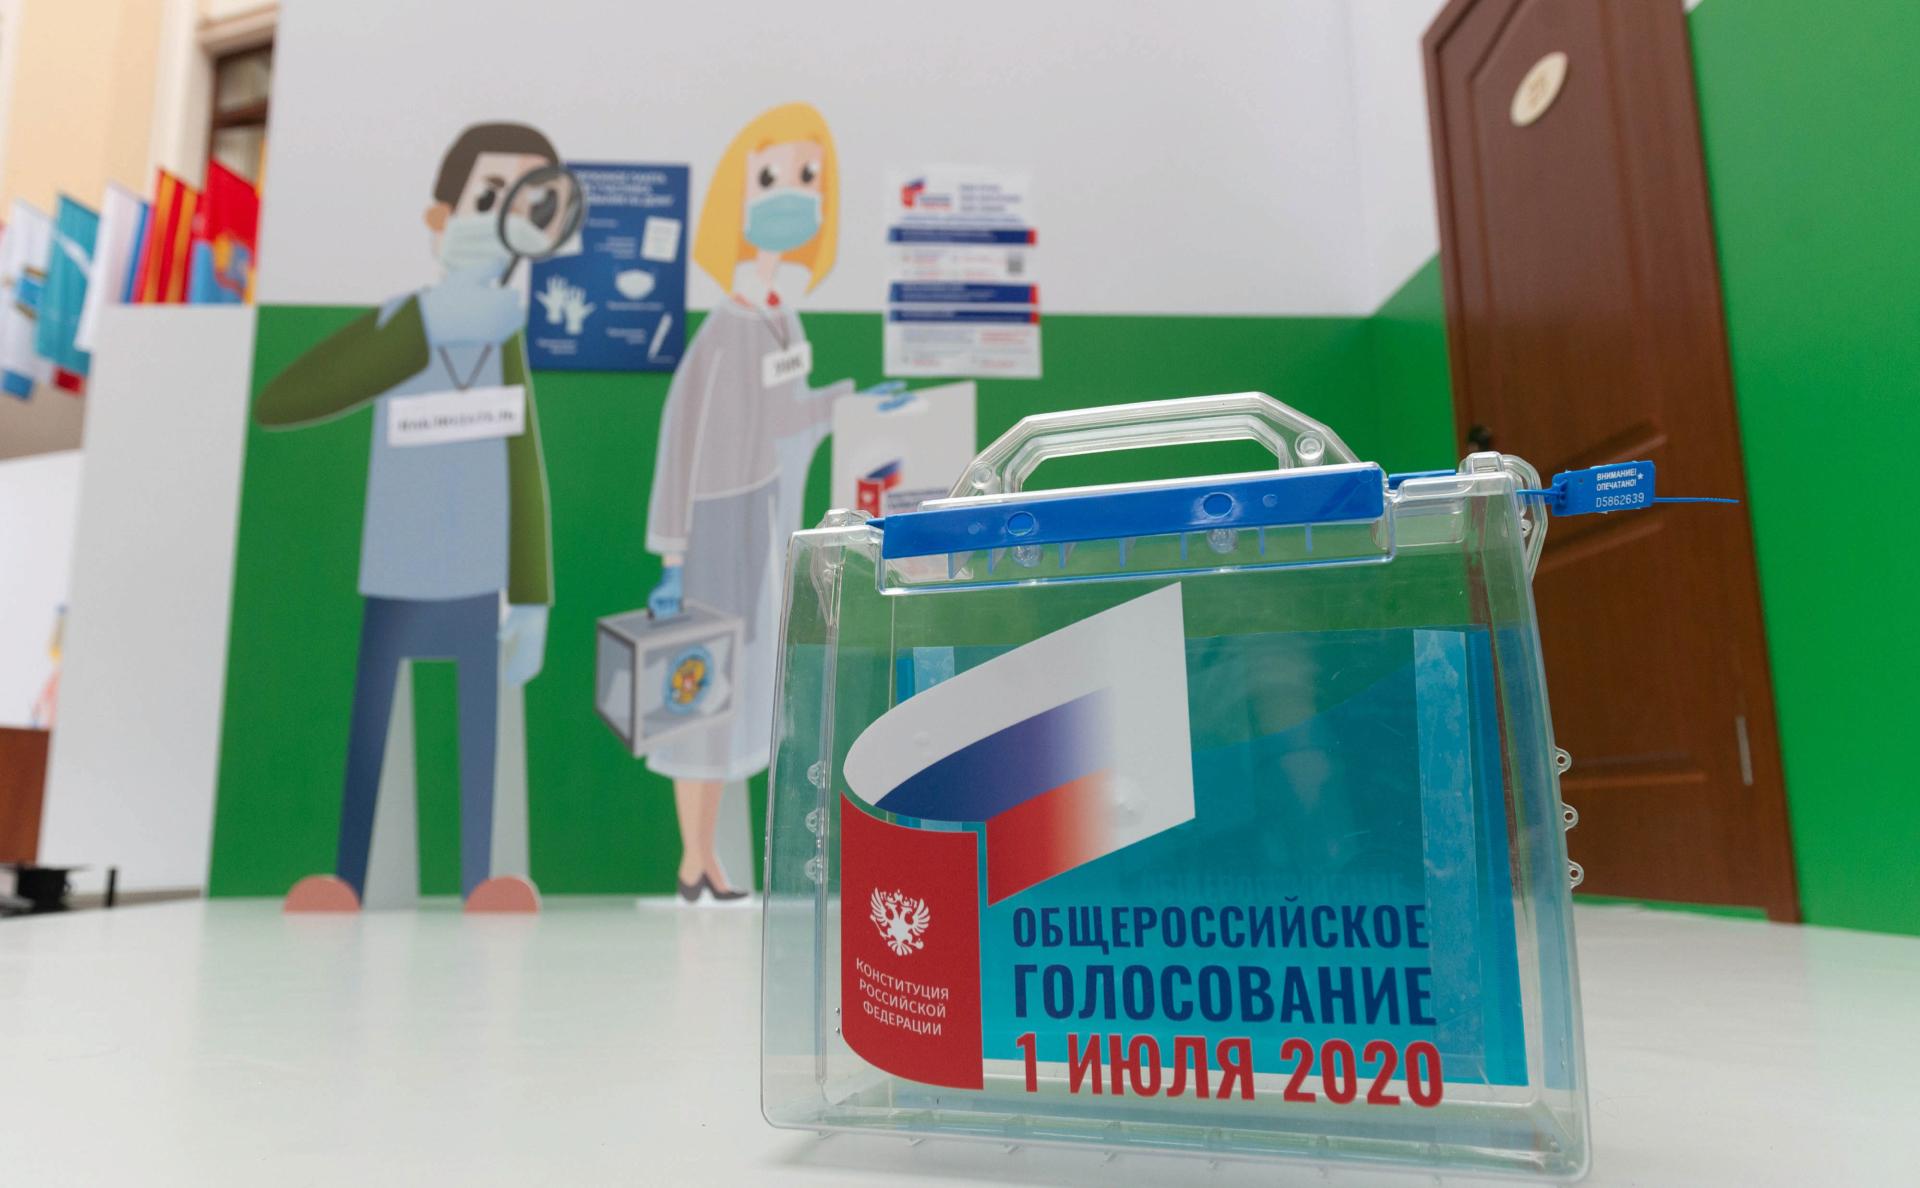 Фото:Пресс-служба ЦИК РФ / РИА Новости